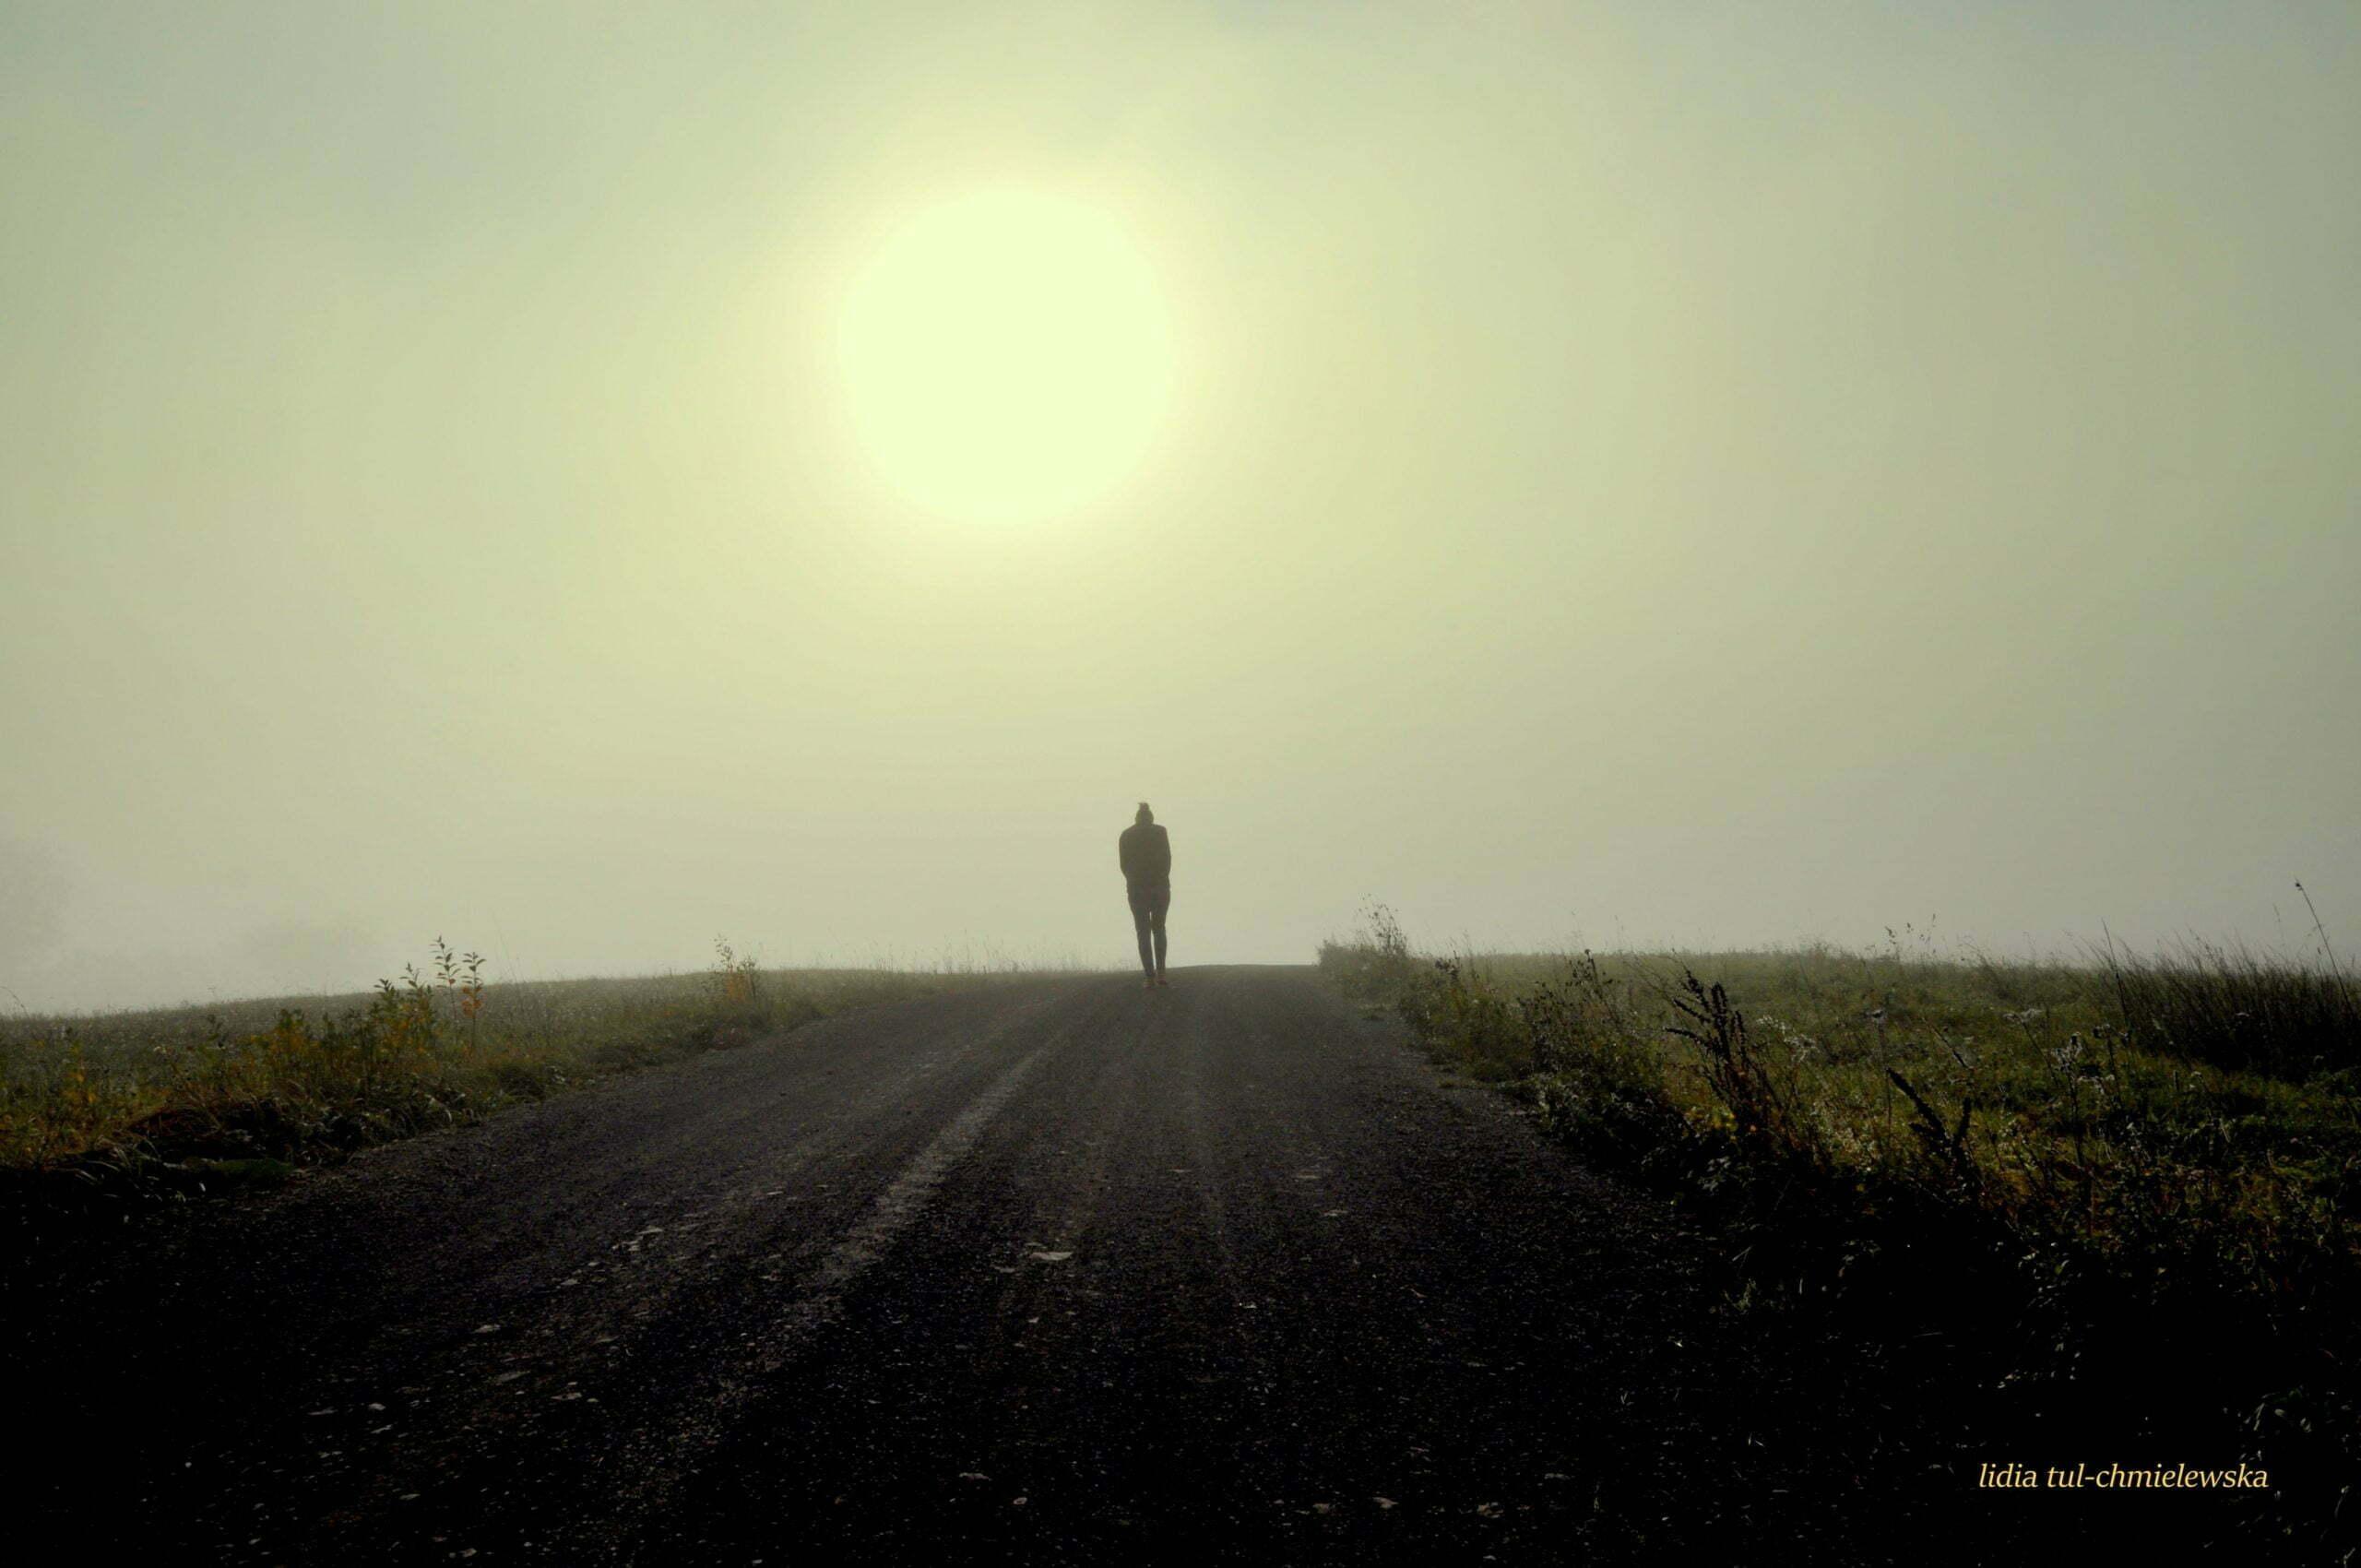 W cieniu mgły/ fot. Lidia Tul-Chmielewska